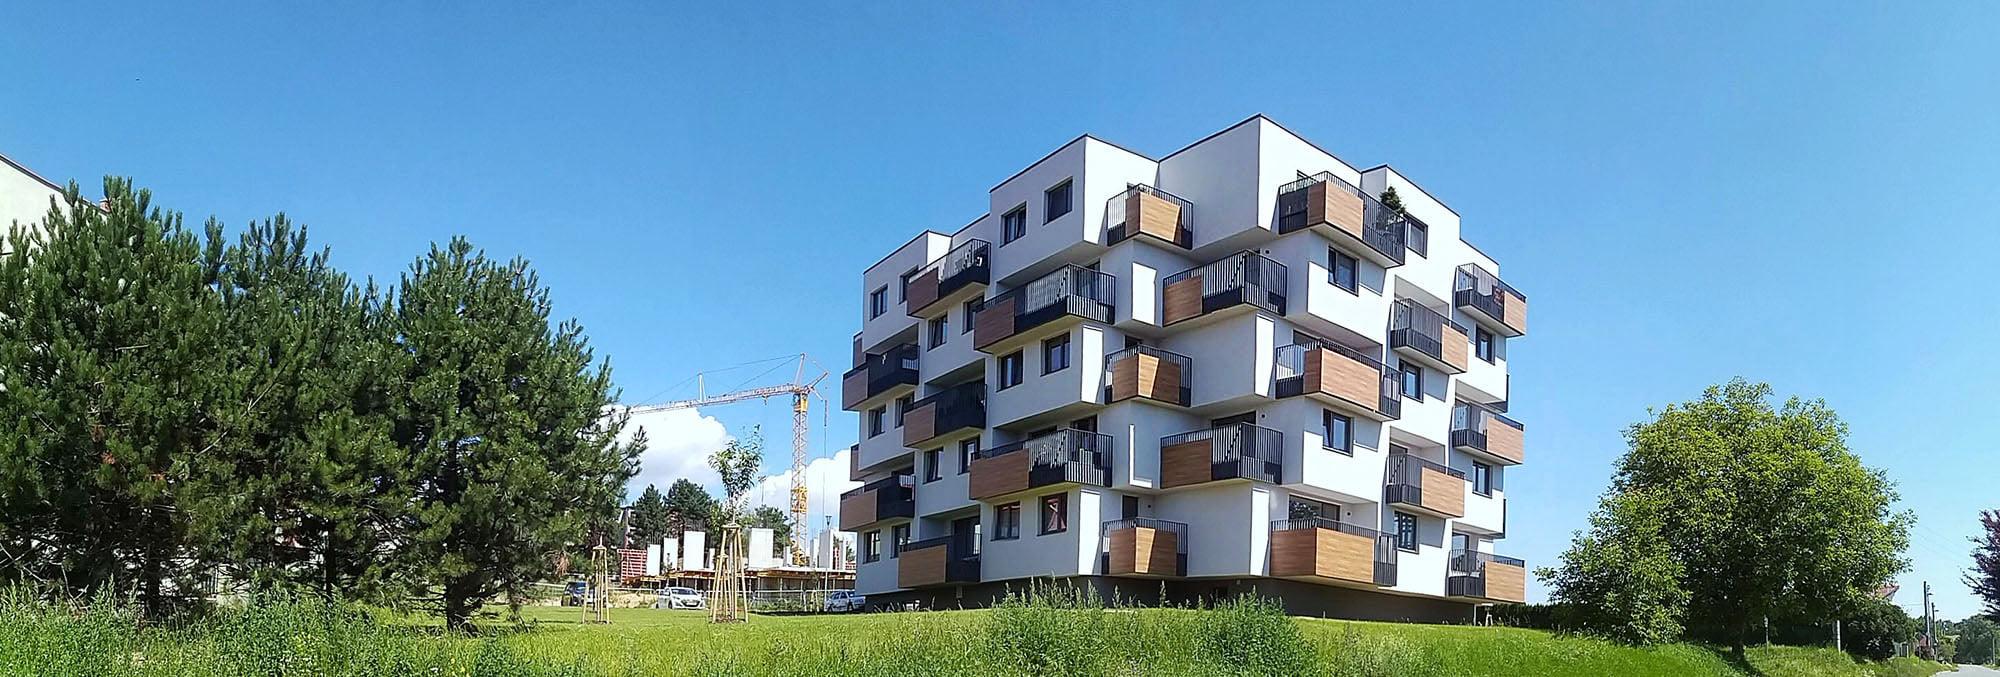 Kaskádové bytové domy